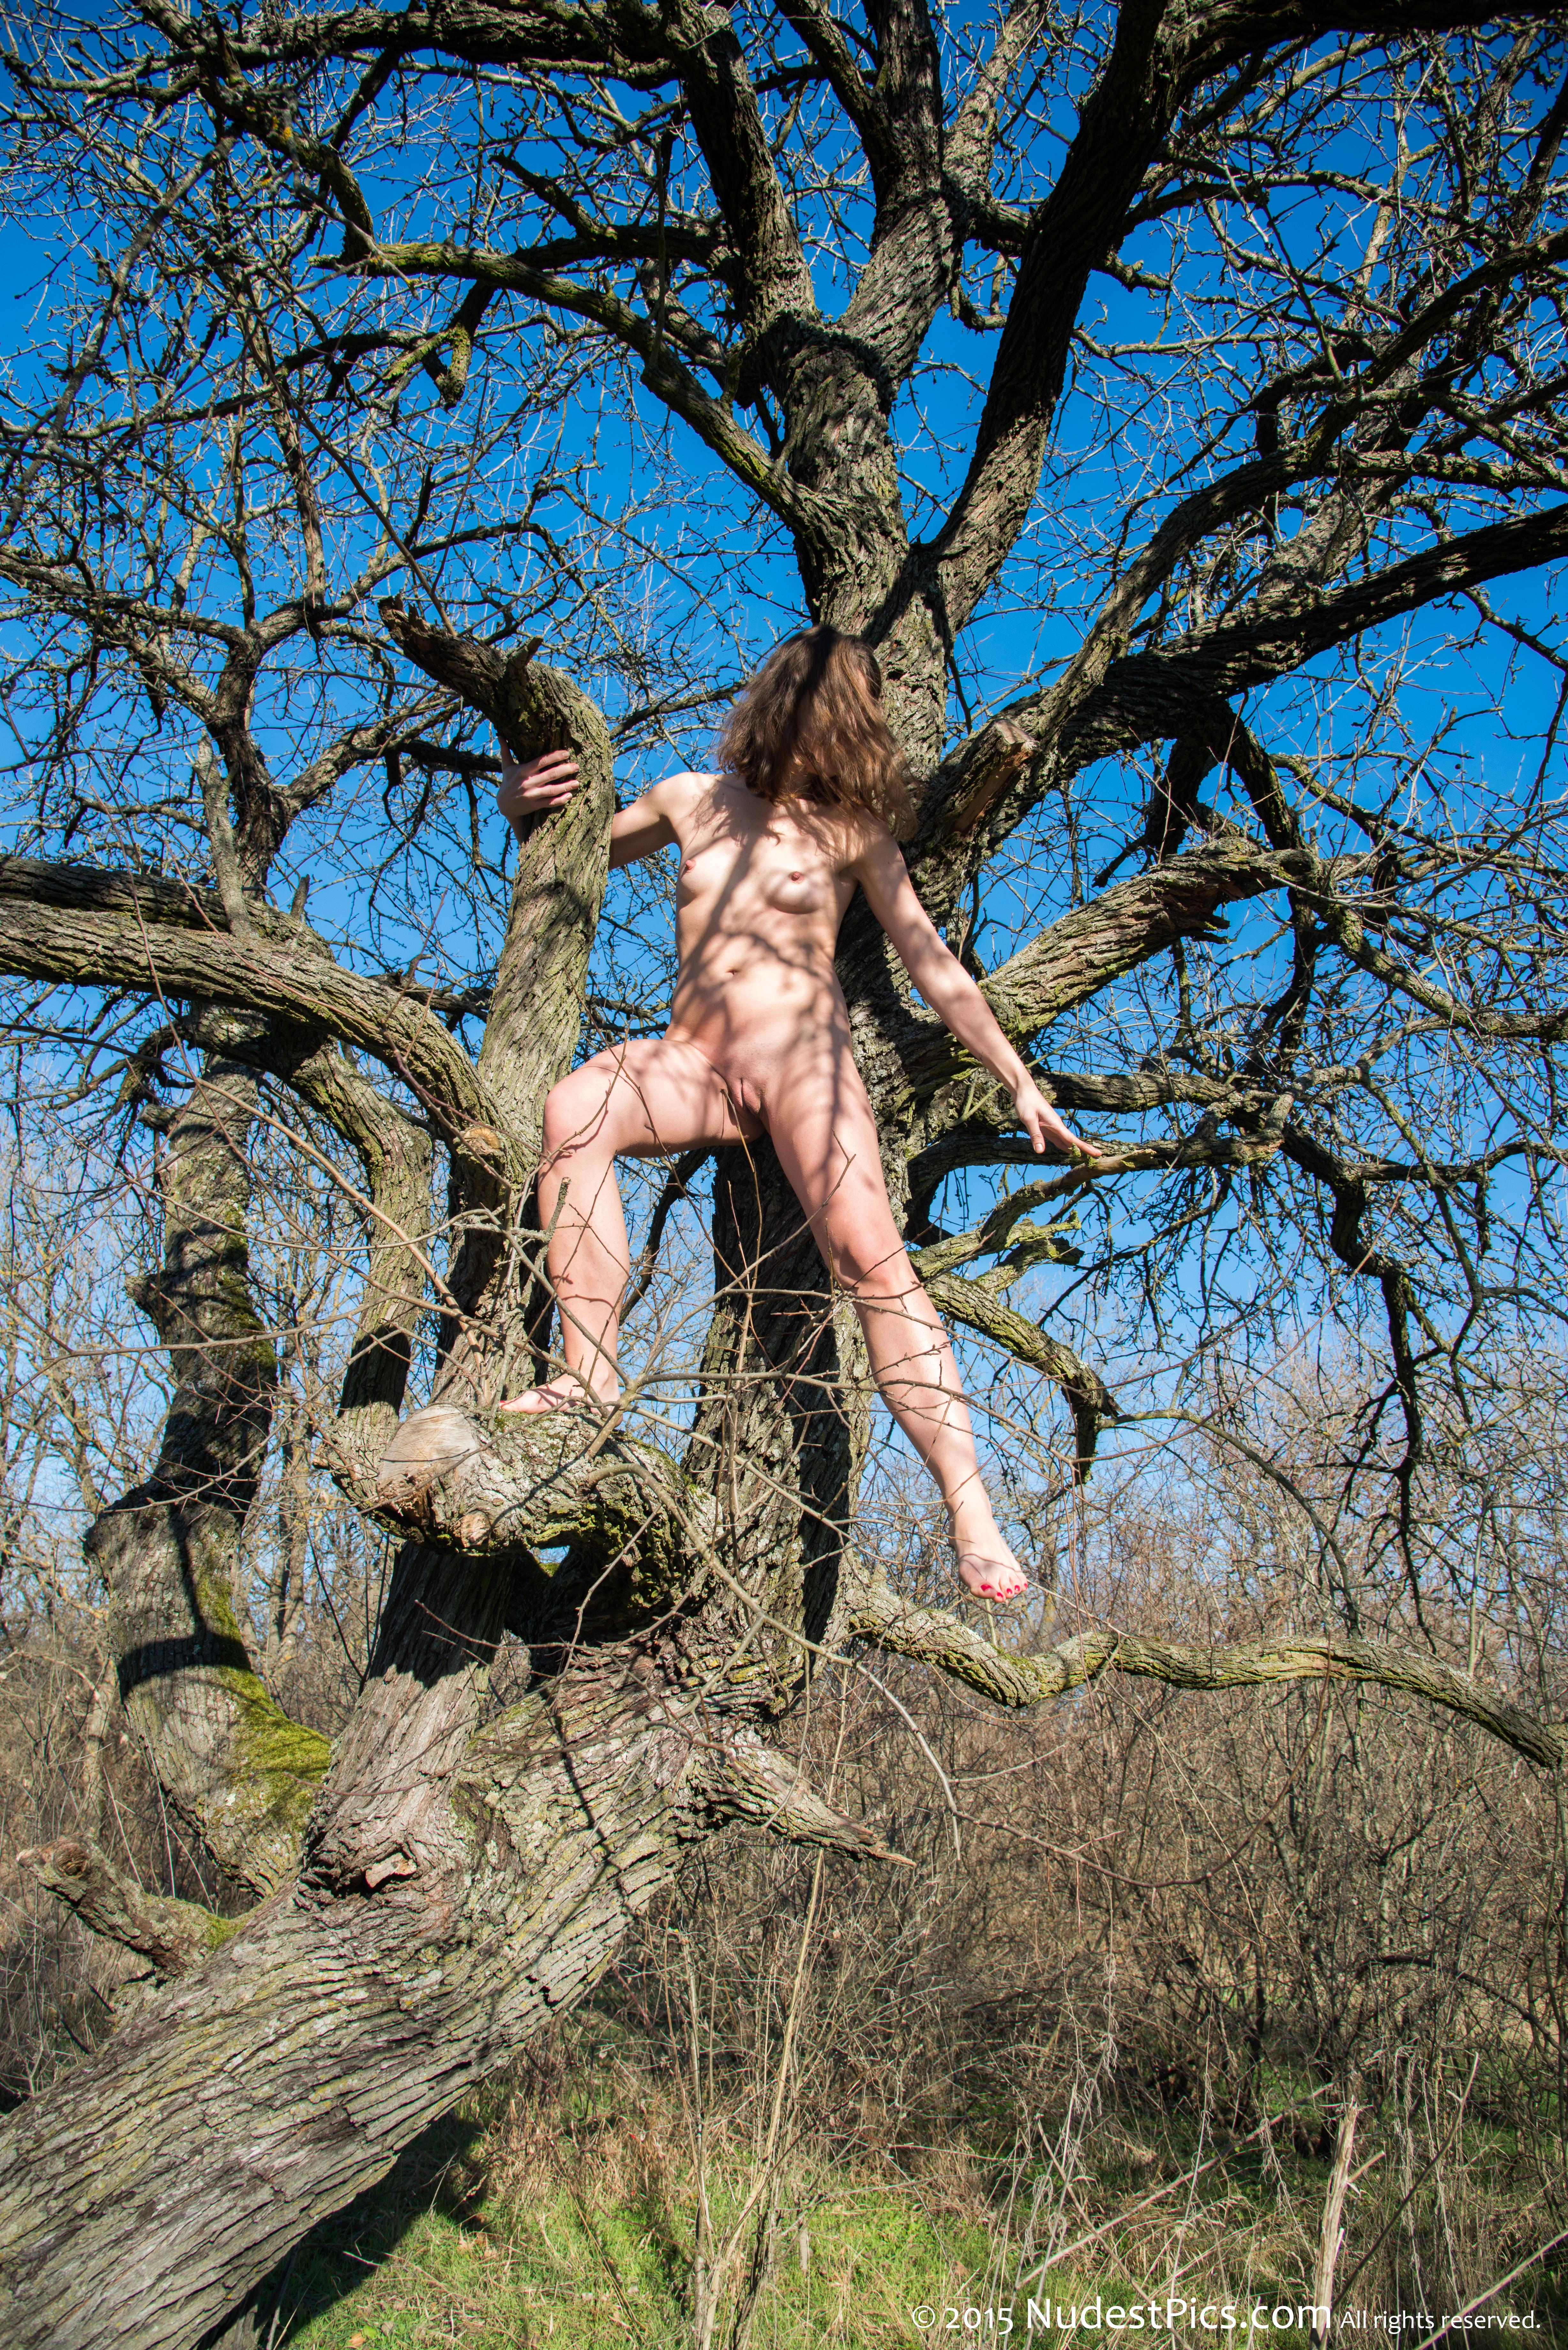 Nude Savage Girl in a Tree full HD